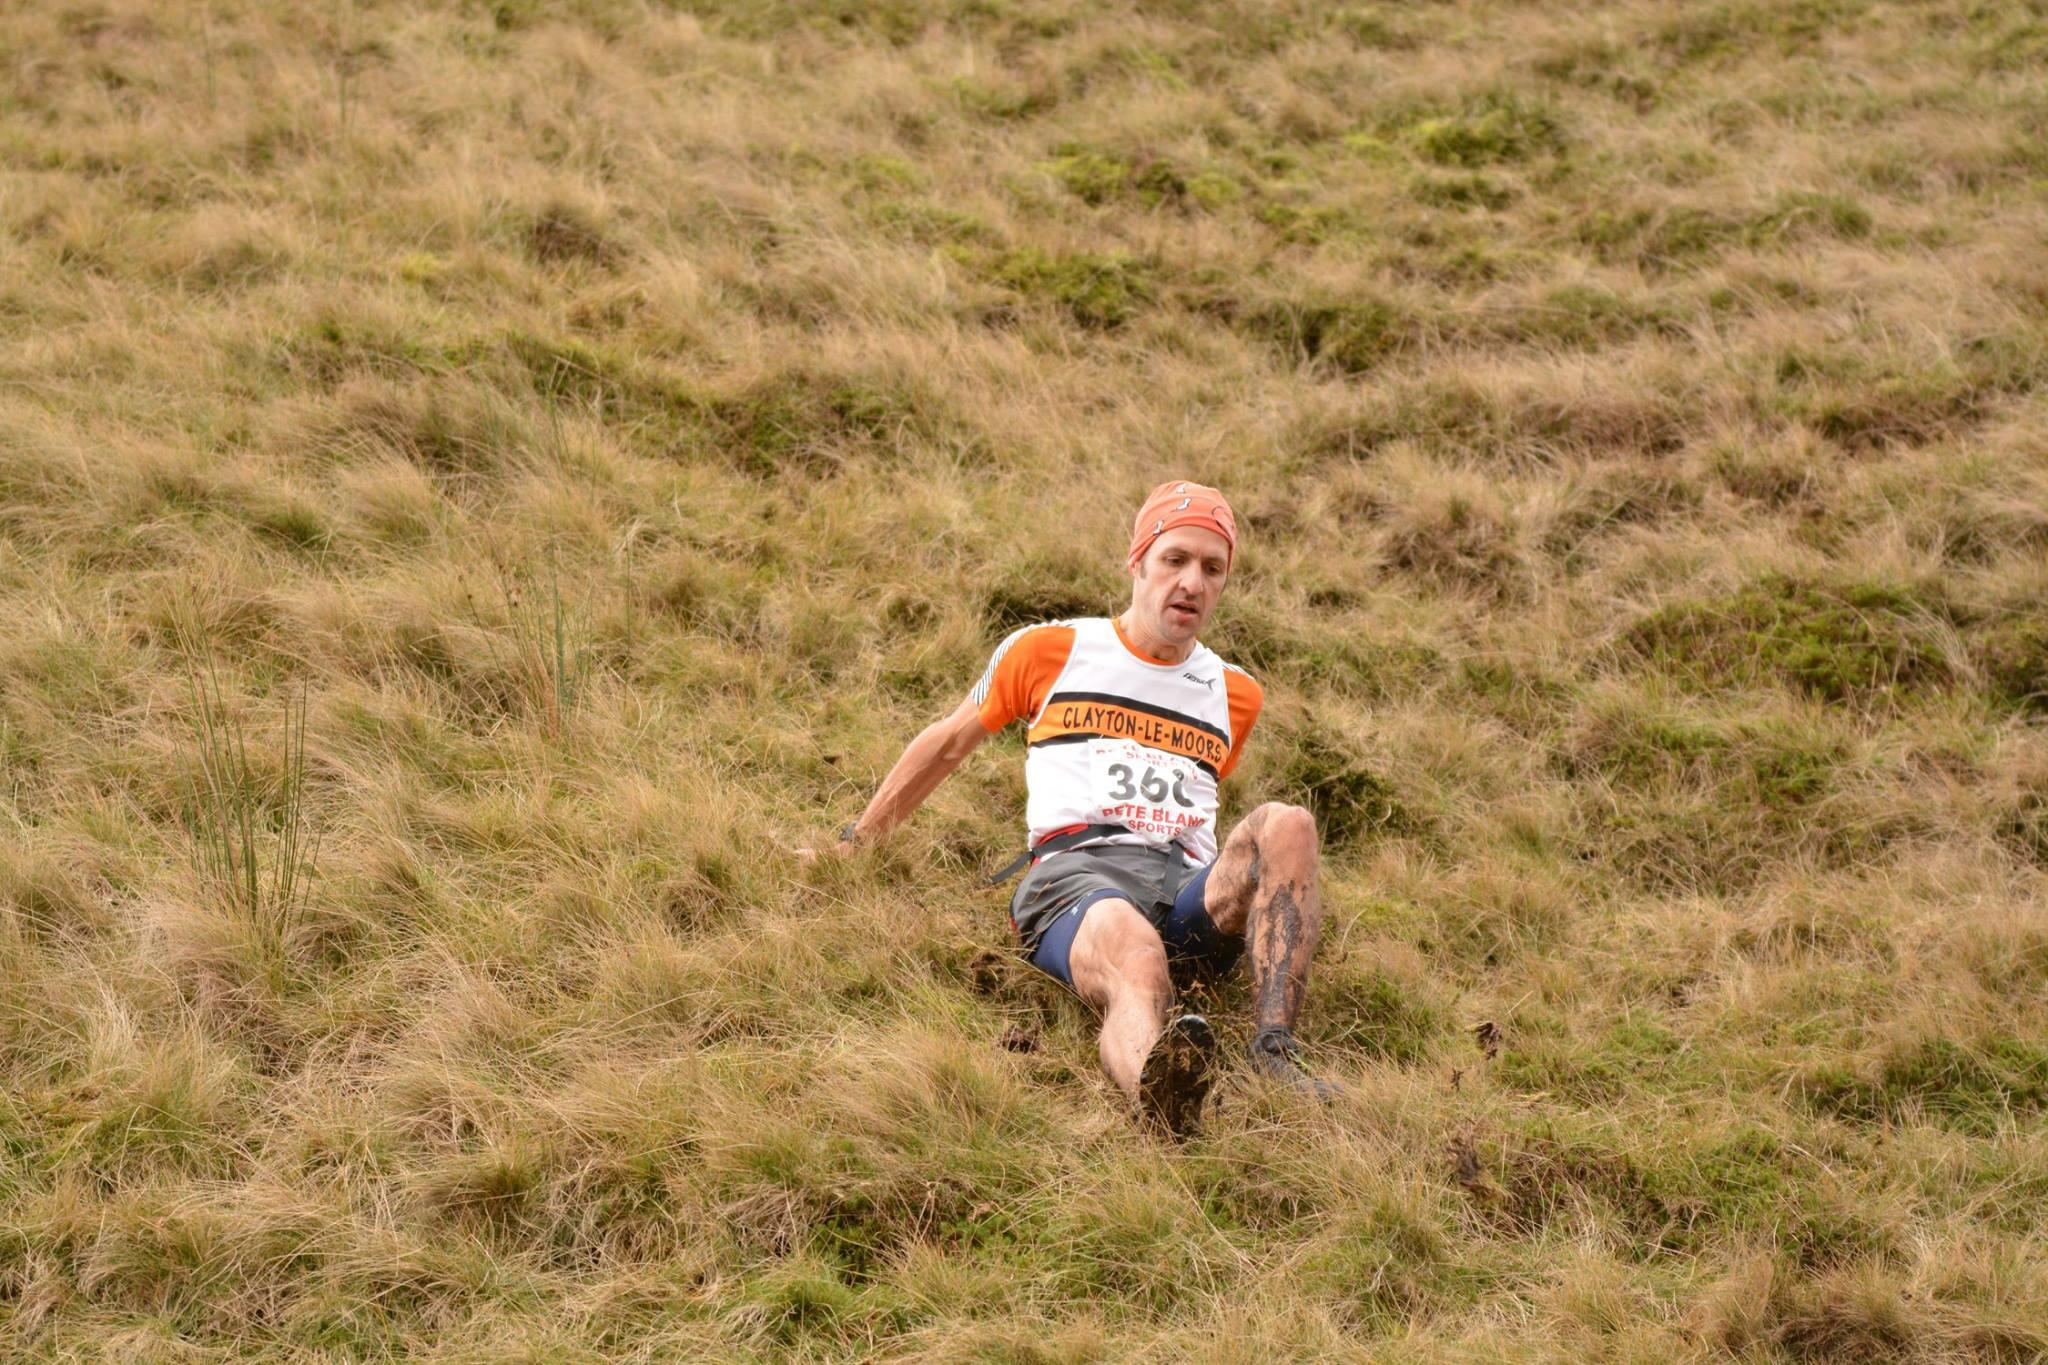 Suboptimal for shorts longevity, Mr Motley... Photo: David Belshaw